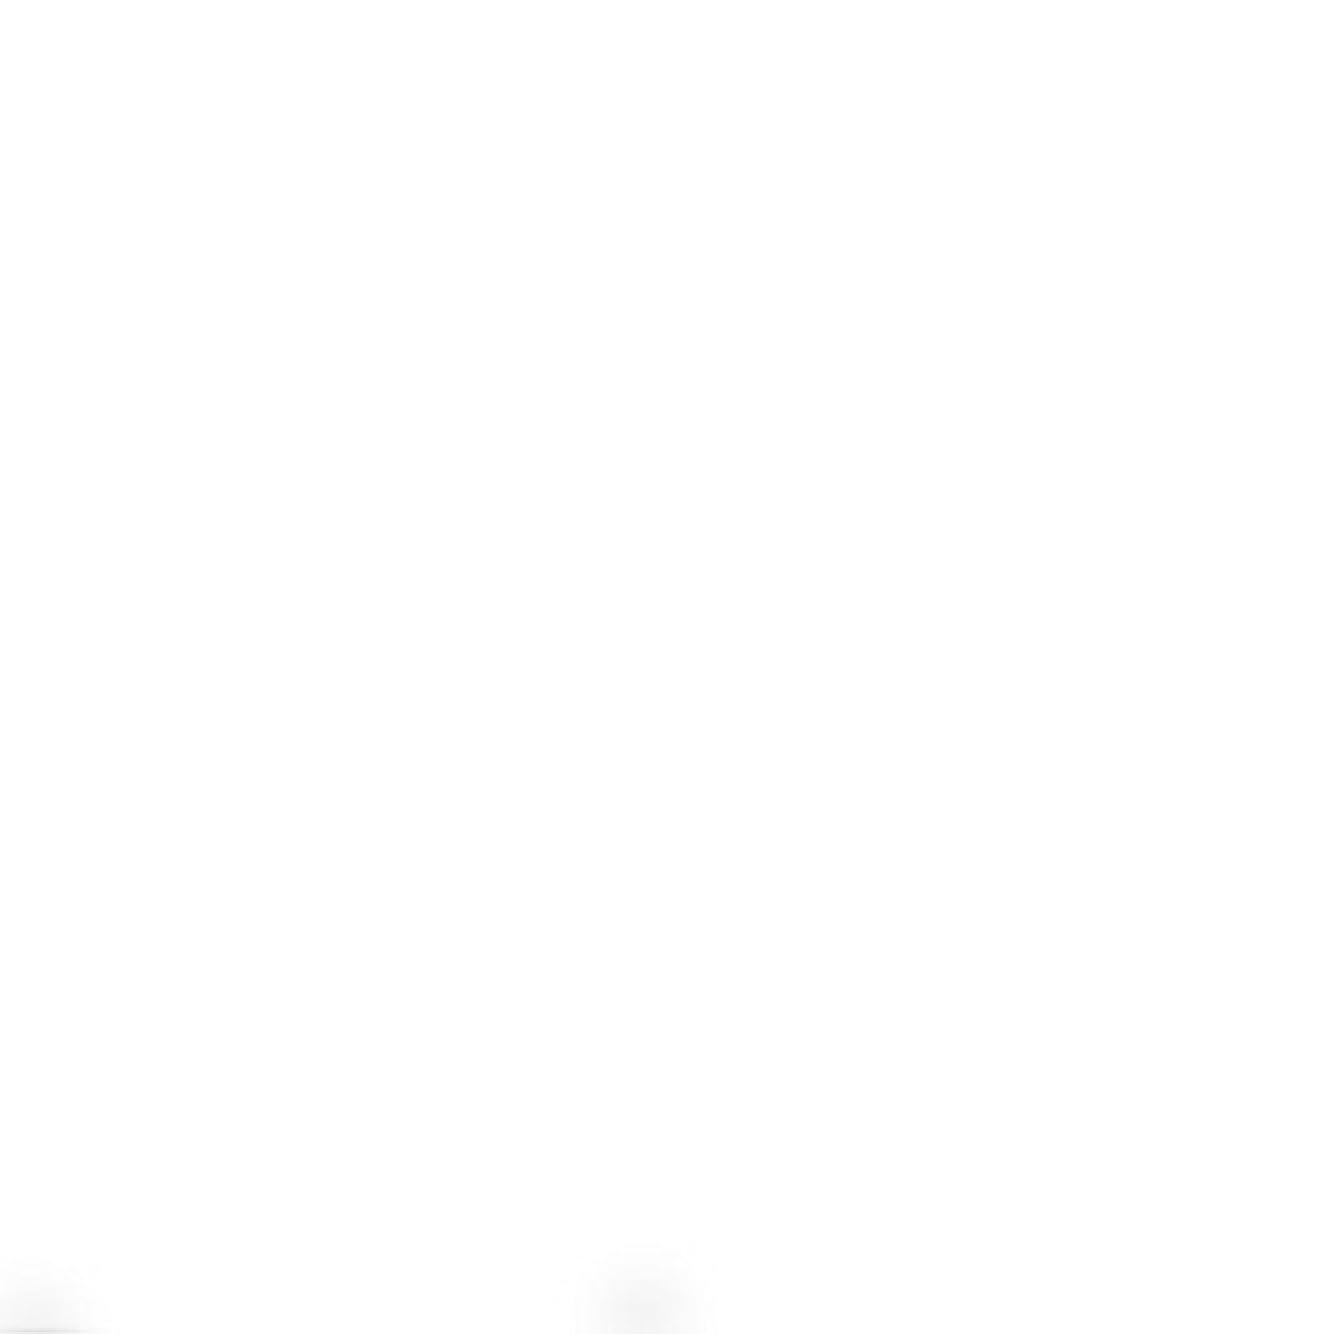 擬人化ドール合併症Neutrogena ニュートロジーナ ウェットスキン キッズ 日焼け止めセット (チューブタイプ) [並行輸入品]